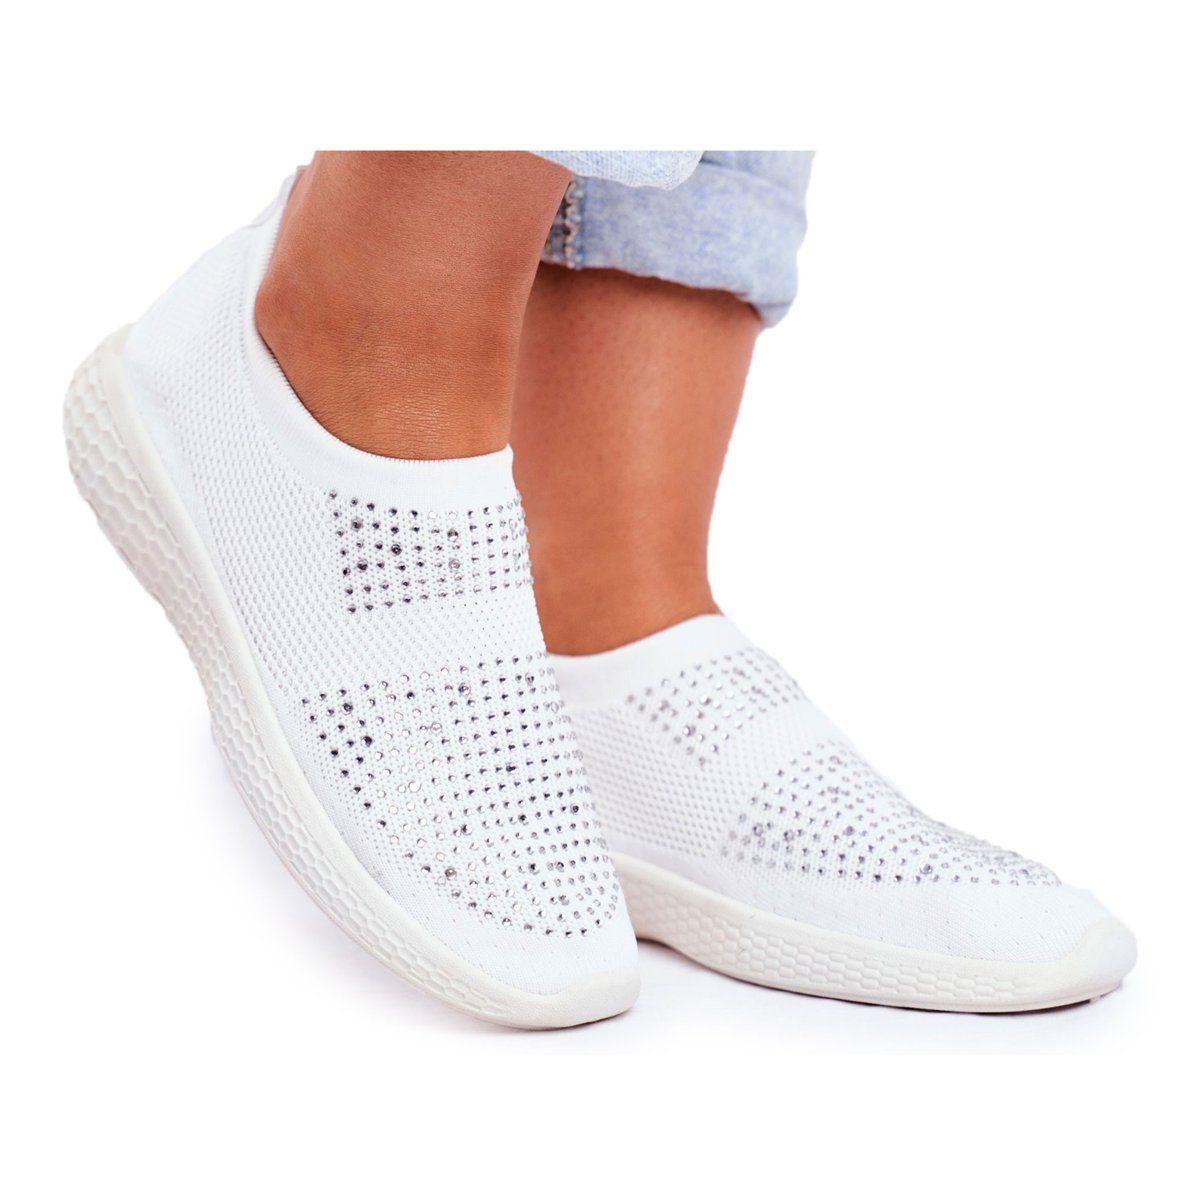 Ps1 Damskie Sportowe Obuwie Wsuwane Biale Z Cyrkoniami Sidonim Wedding Sneaker Shoes Wedding Shoe